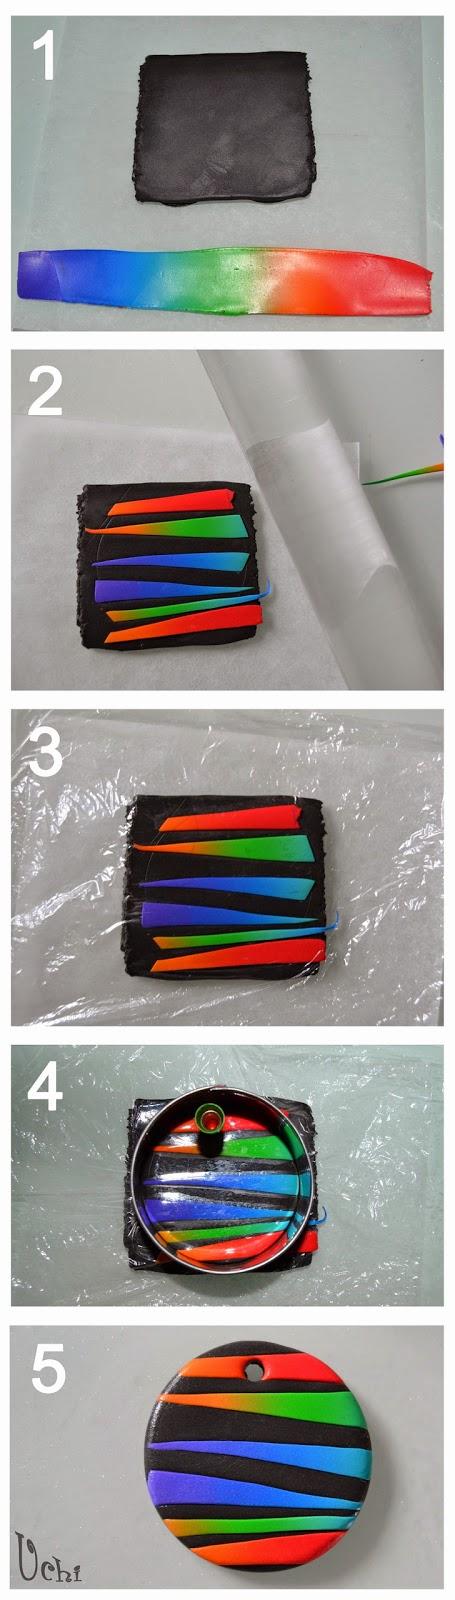 arcilla polimérica, polymer clay, fimo, tutoriales